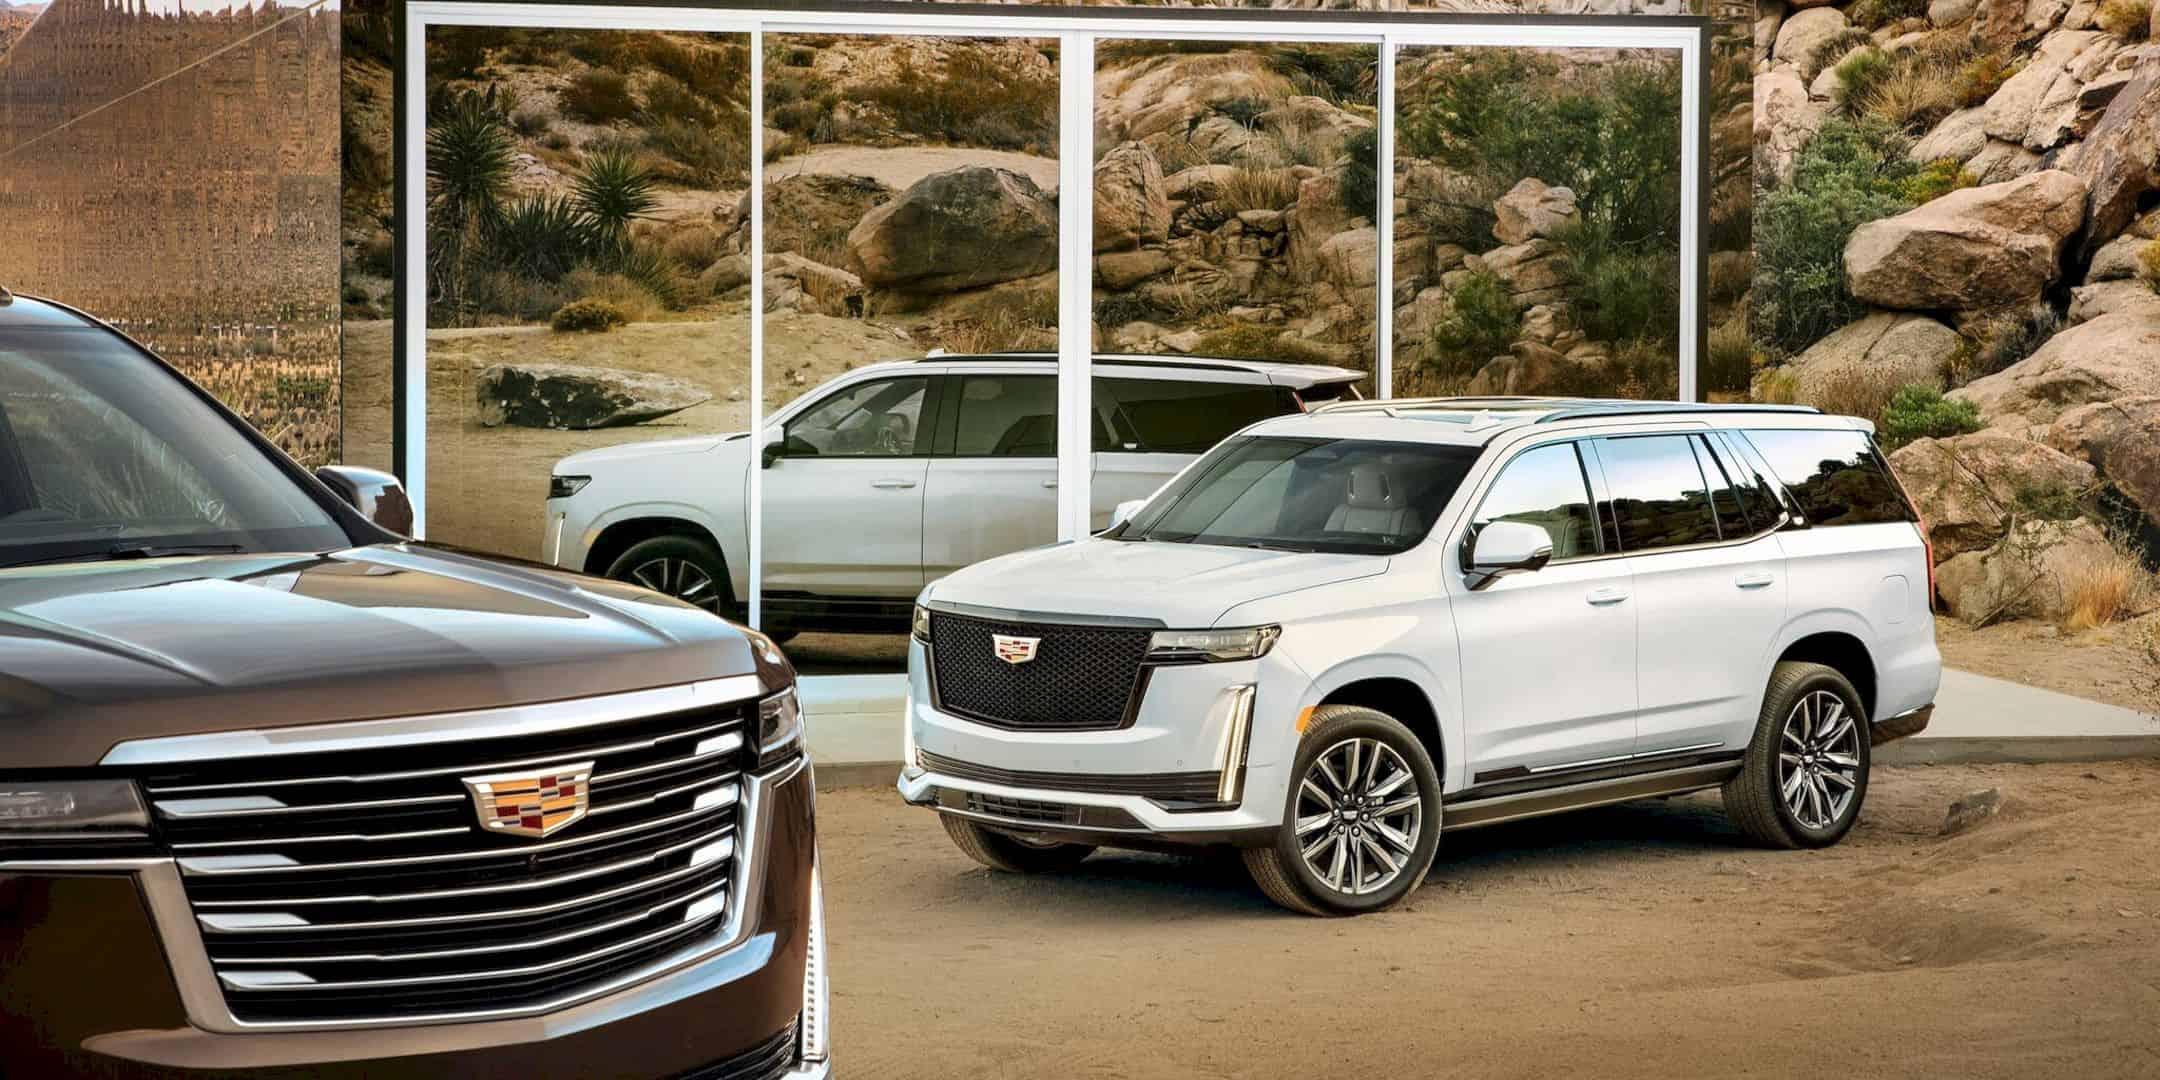 2021 Cadillac Escalade SUV 8